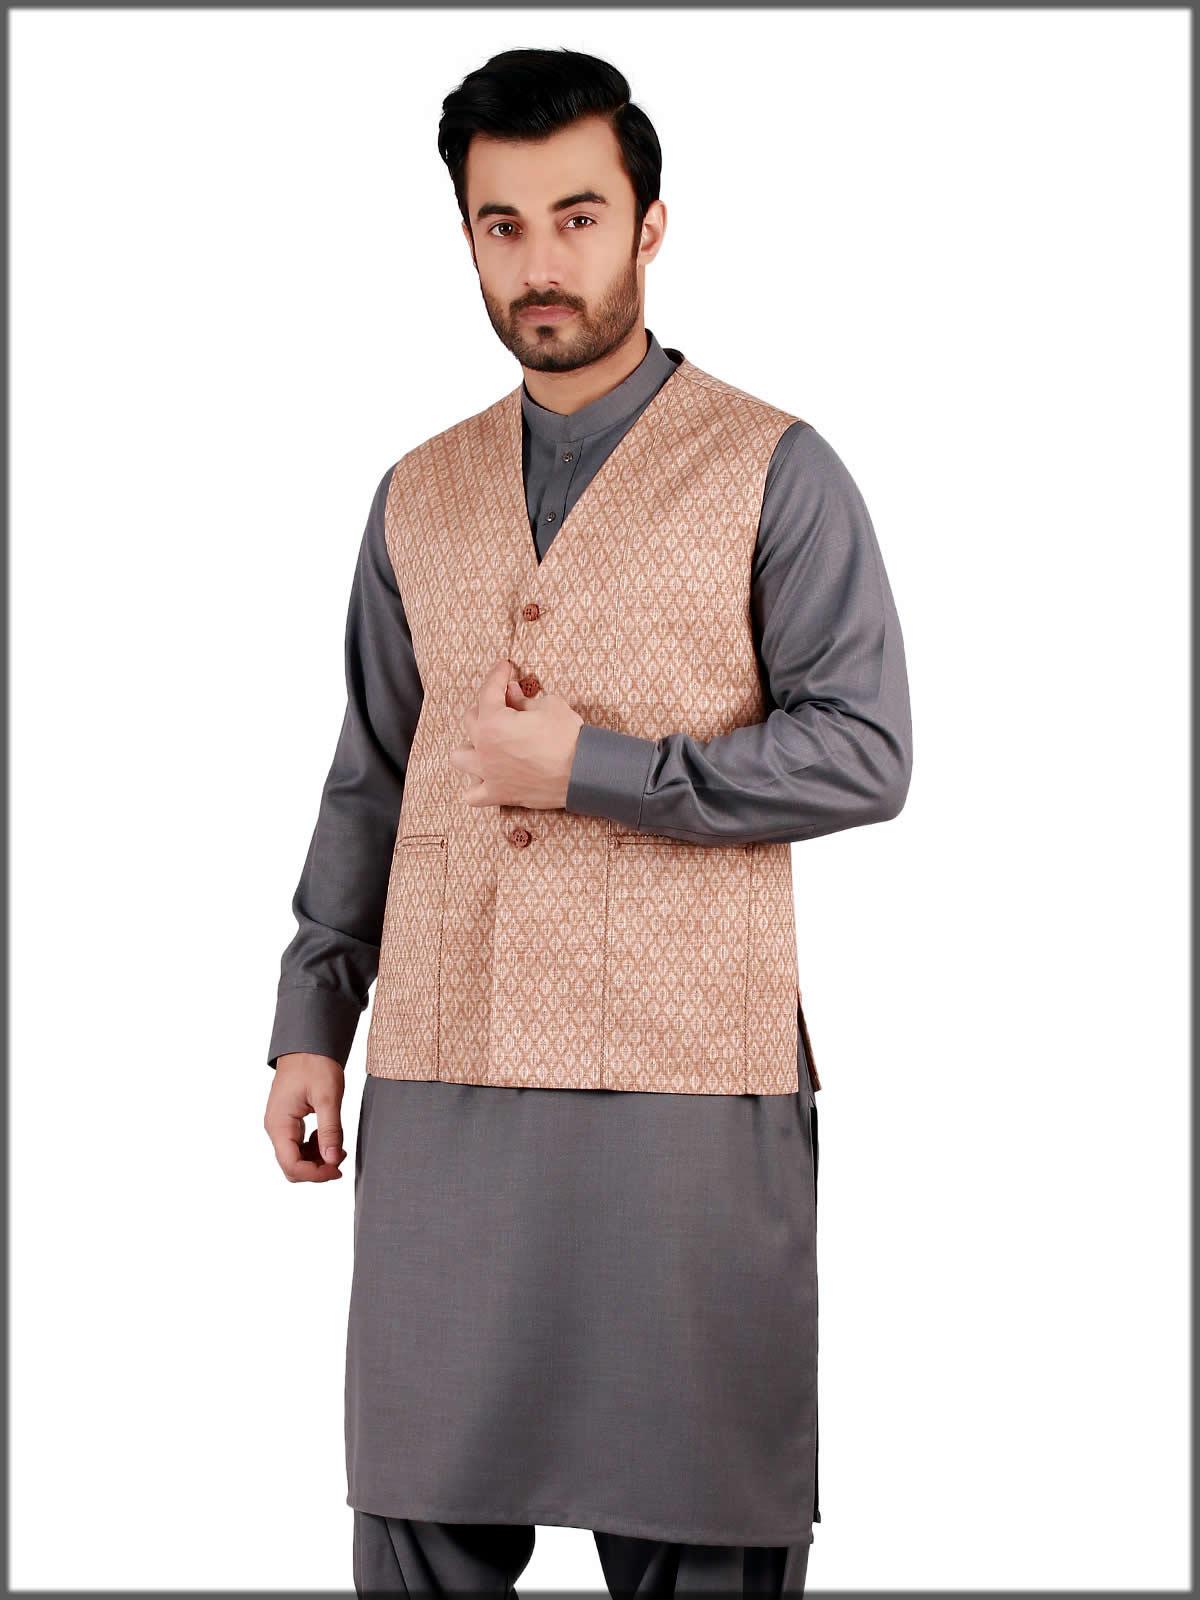 Waistcoat for formal wear